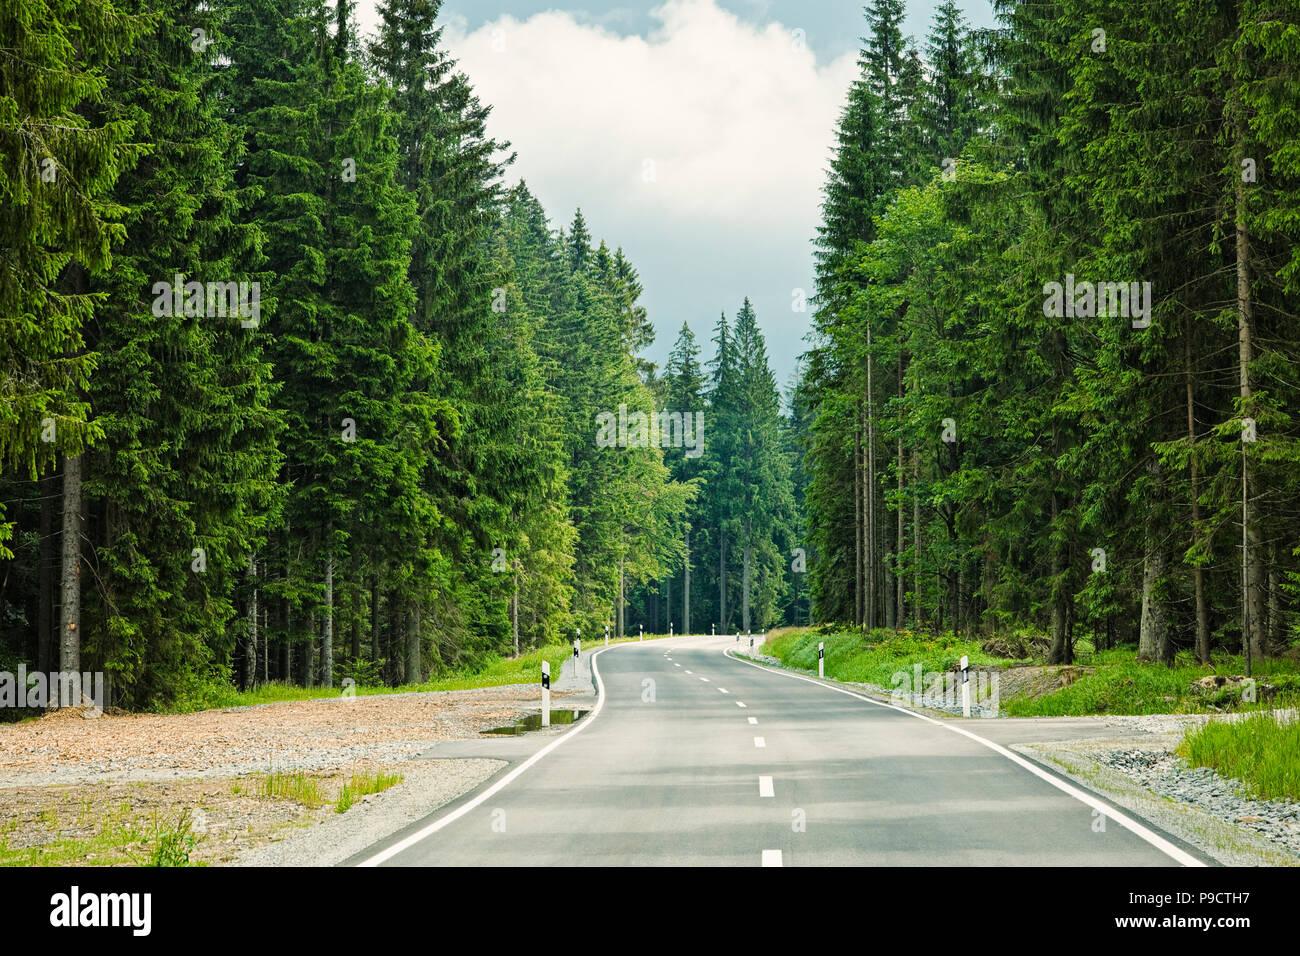 Abra serpenteante carretera arbolada a través de un bosque en Baviera, Alemania, Europa Foto de stock